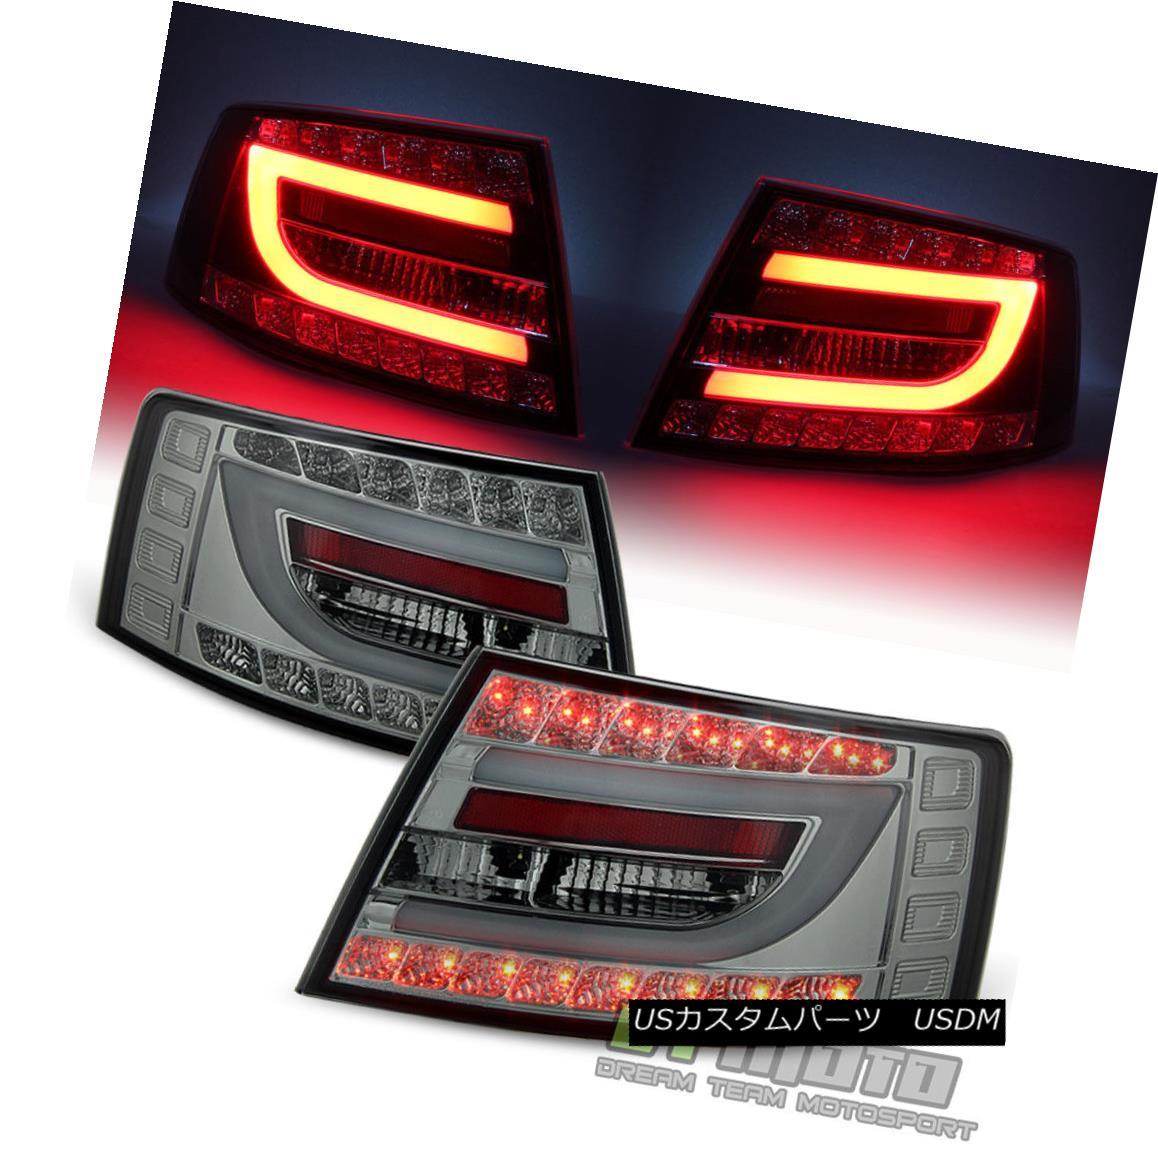 テールライト Smoked 2005-2008 Audi A6 S6 C6 Philips Lumileds LED Tail Lights Lamps Left+Right スモーク2005-2008 Audi A6 S6 C6 Philips Lumileds LEDテールライトランプ左+右